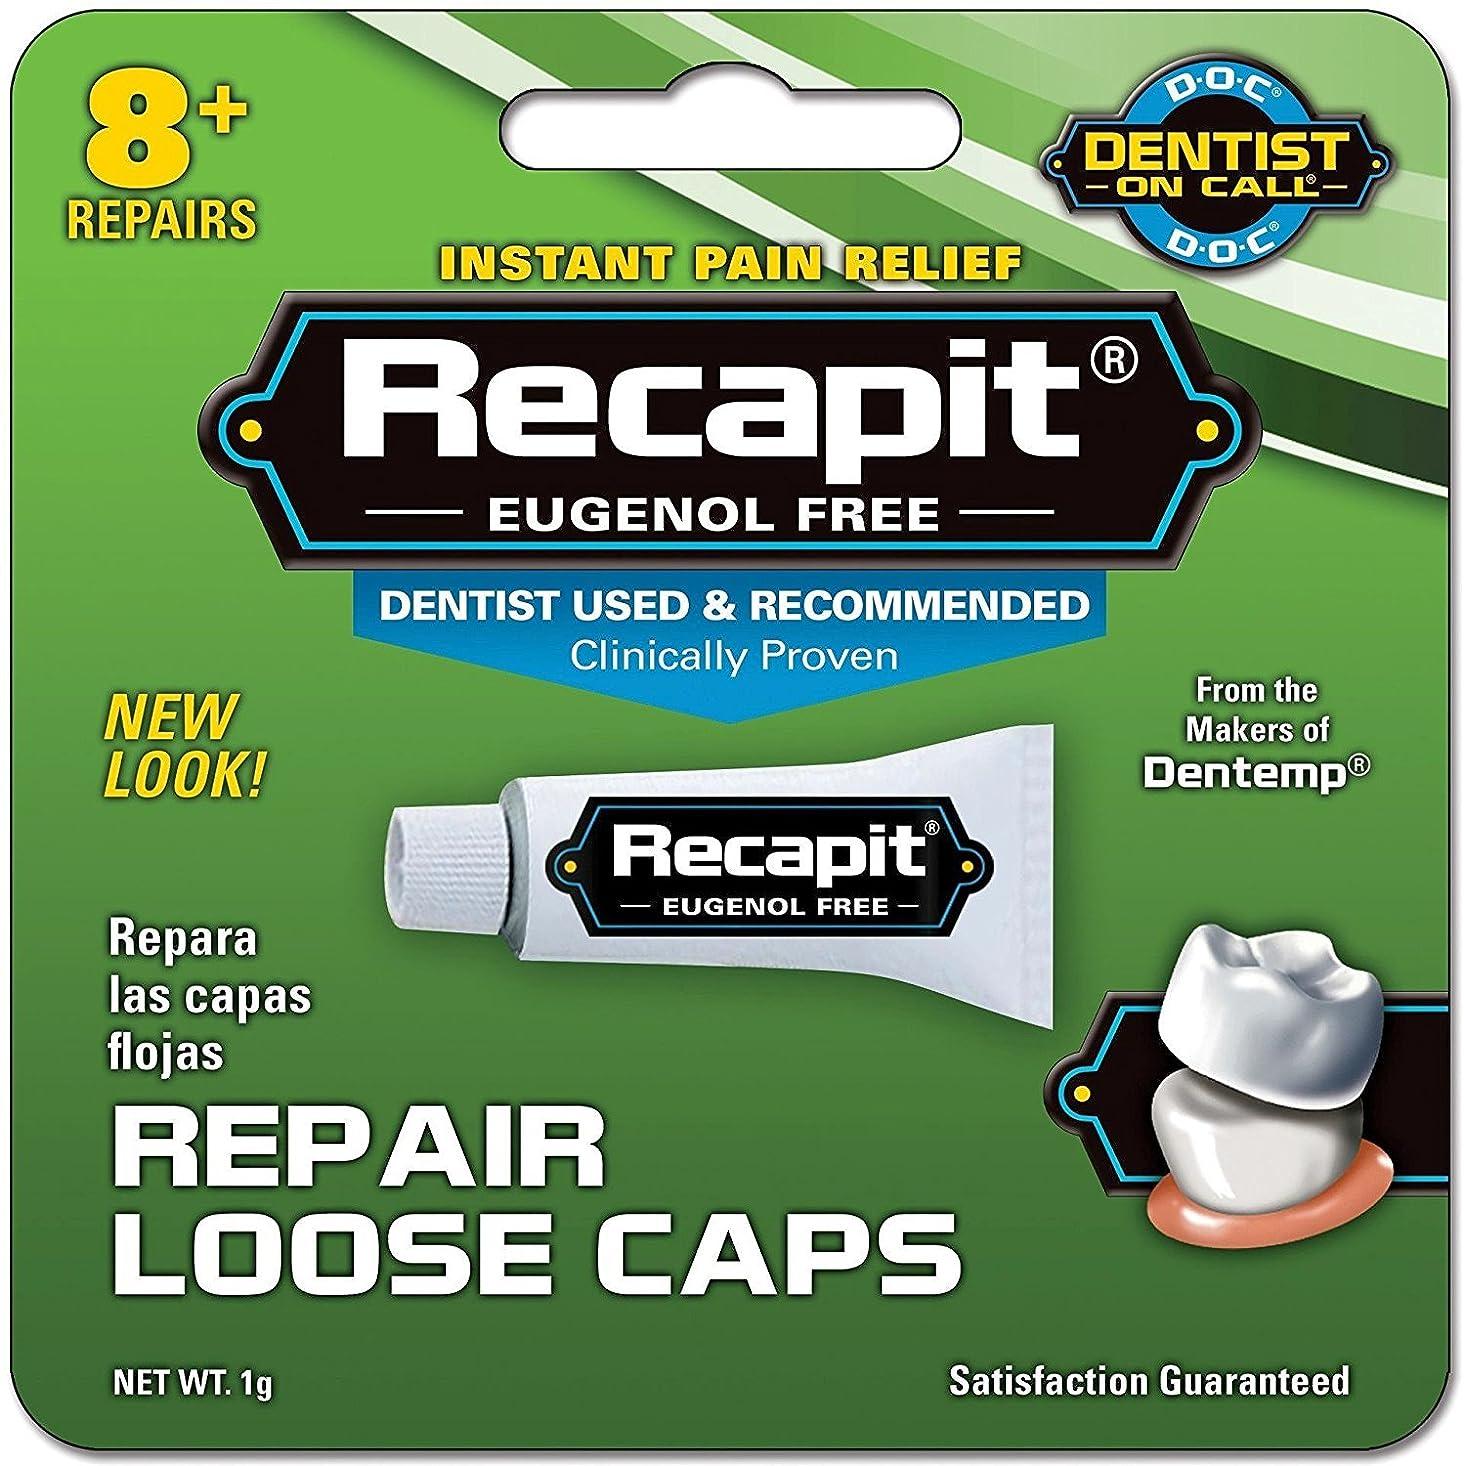 数値恥母Doc Recapitルースキャップ歯科修復 - 8つの修理、2パック